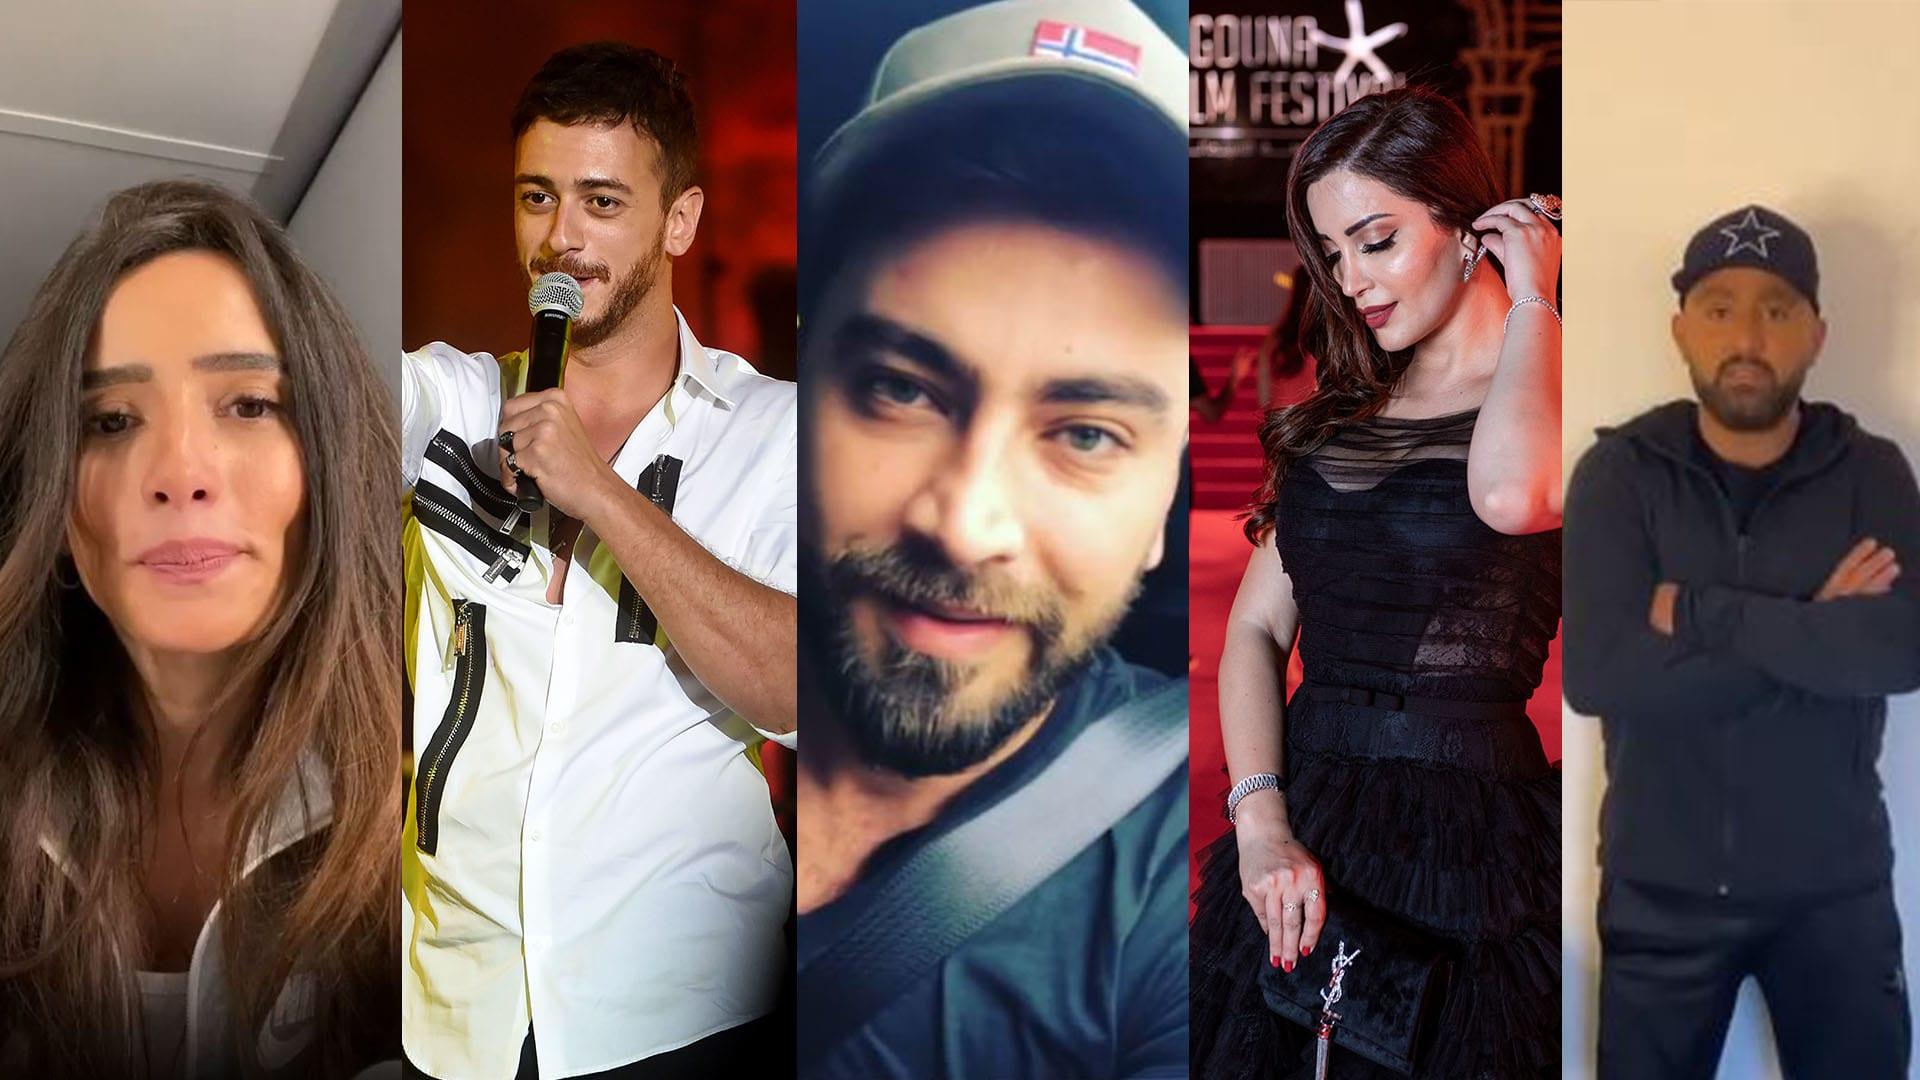 صور مختارة لمجموعة من الفنانين العرب